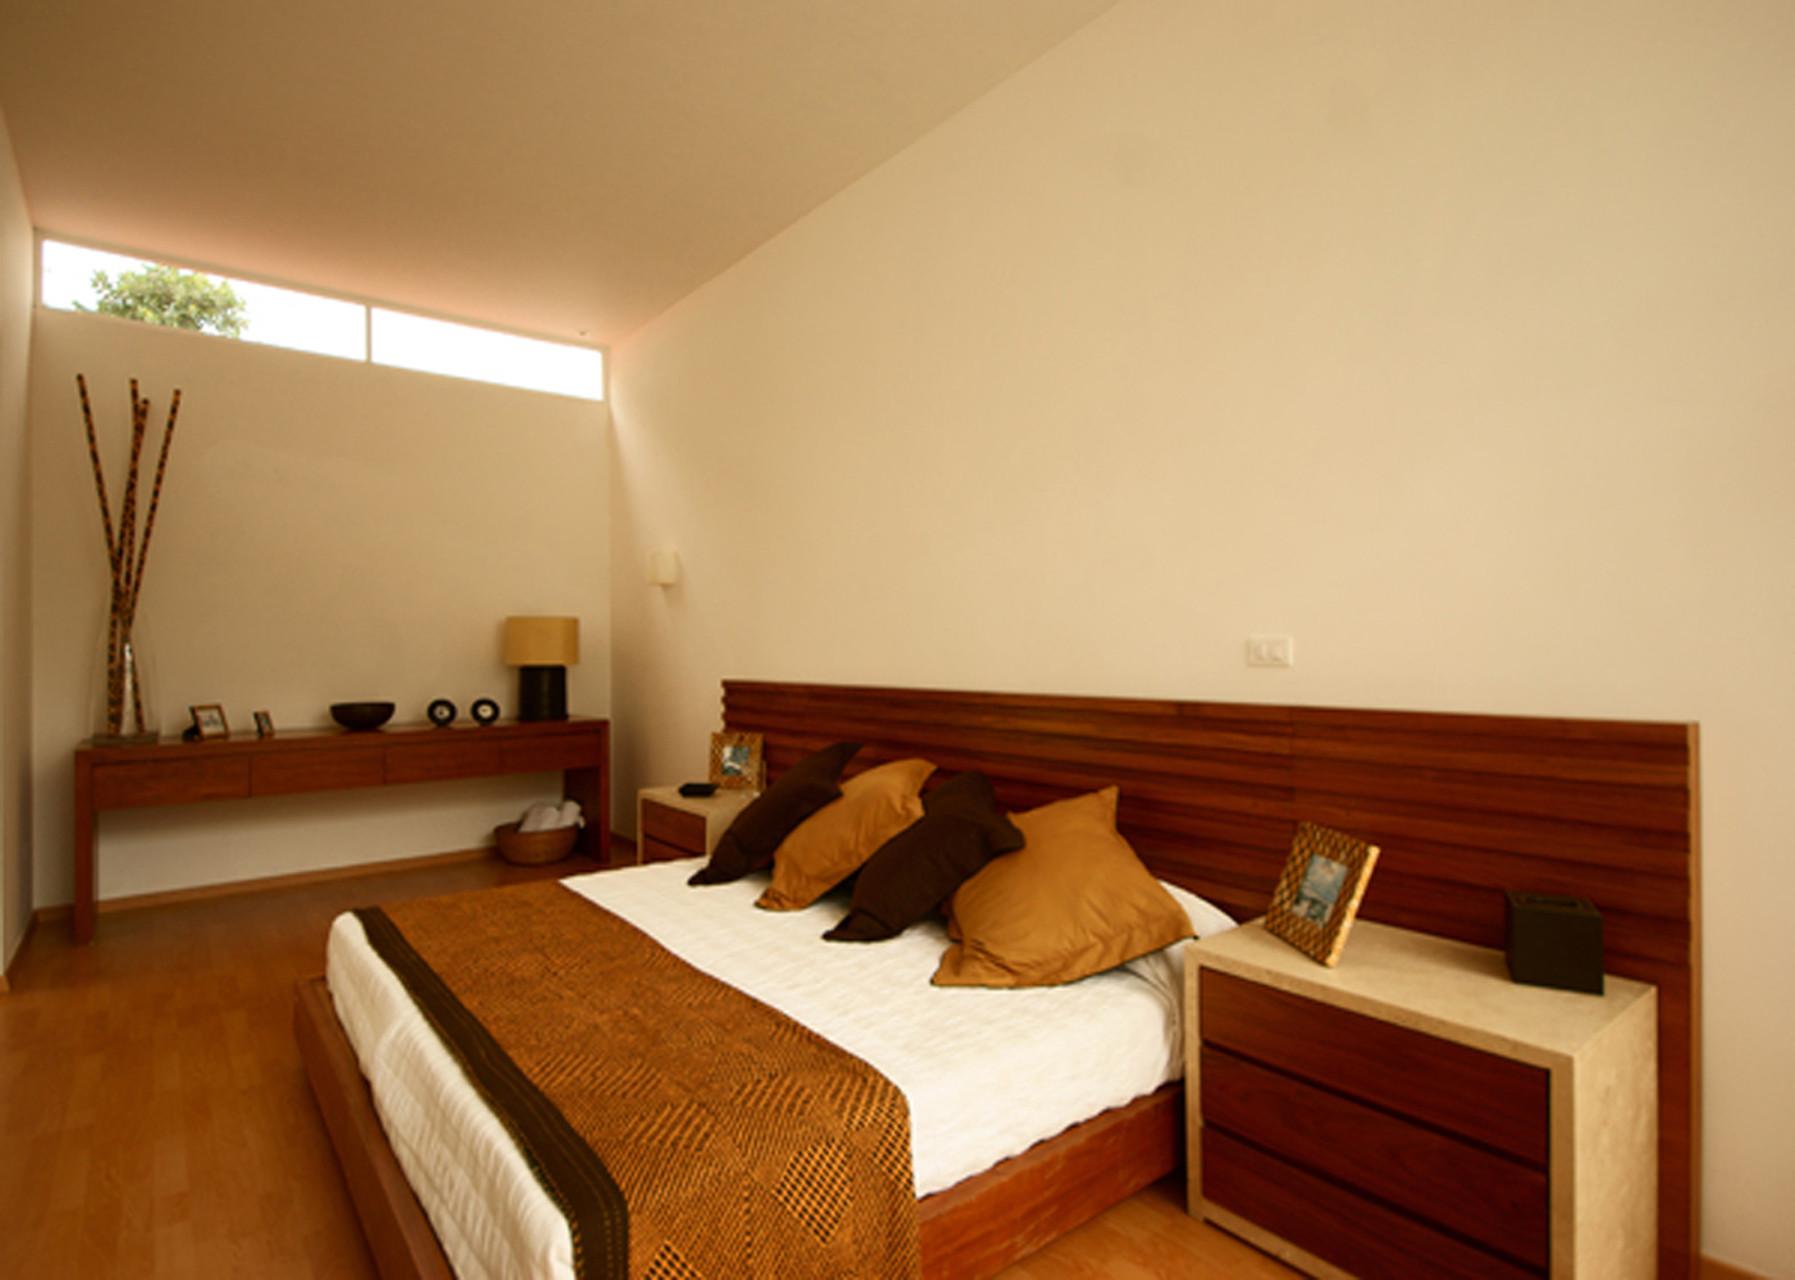 Galer a de proyecto san juan aflo arquitectos y asociados 5 - Wonderful latest design interior ...